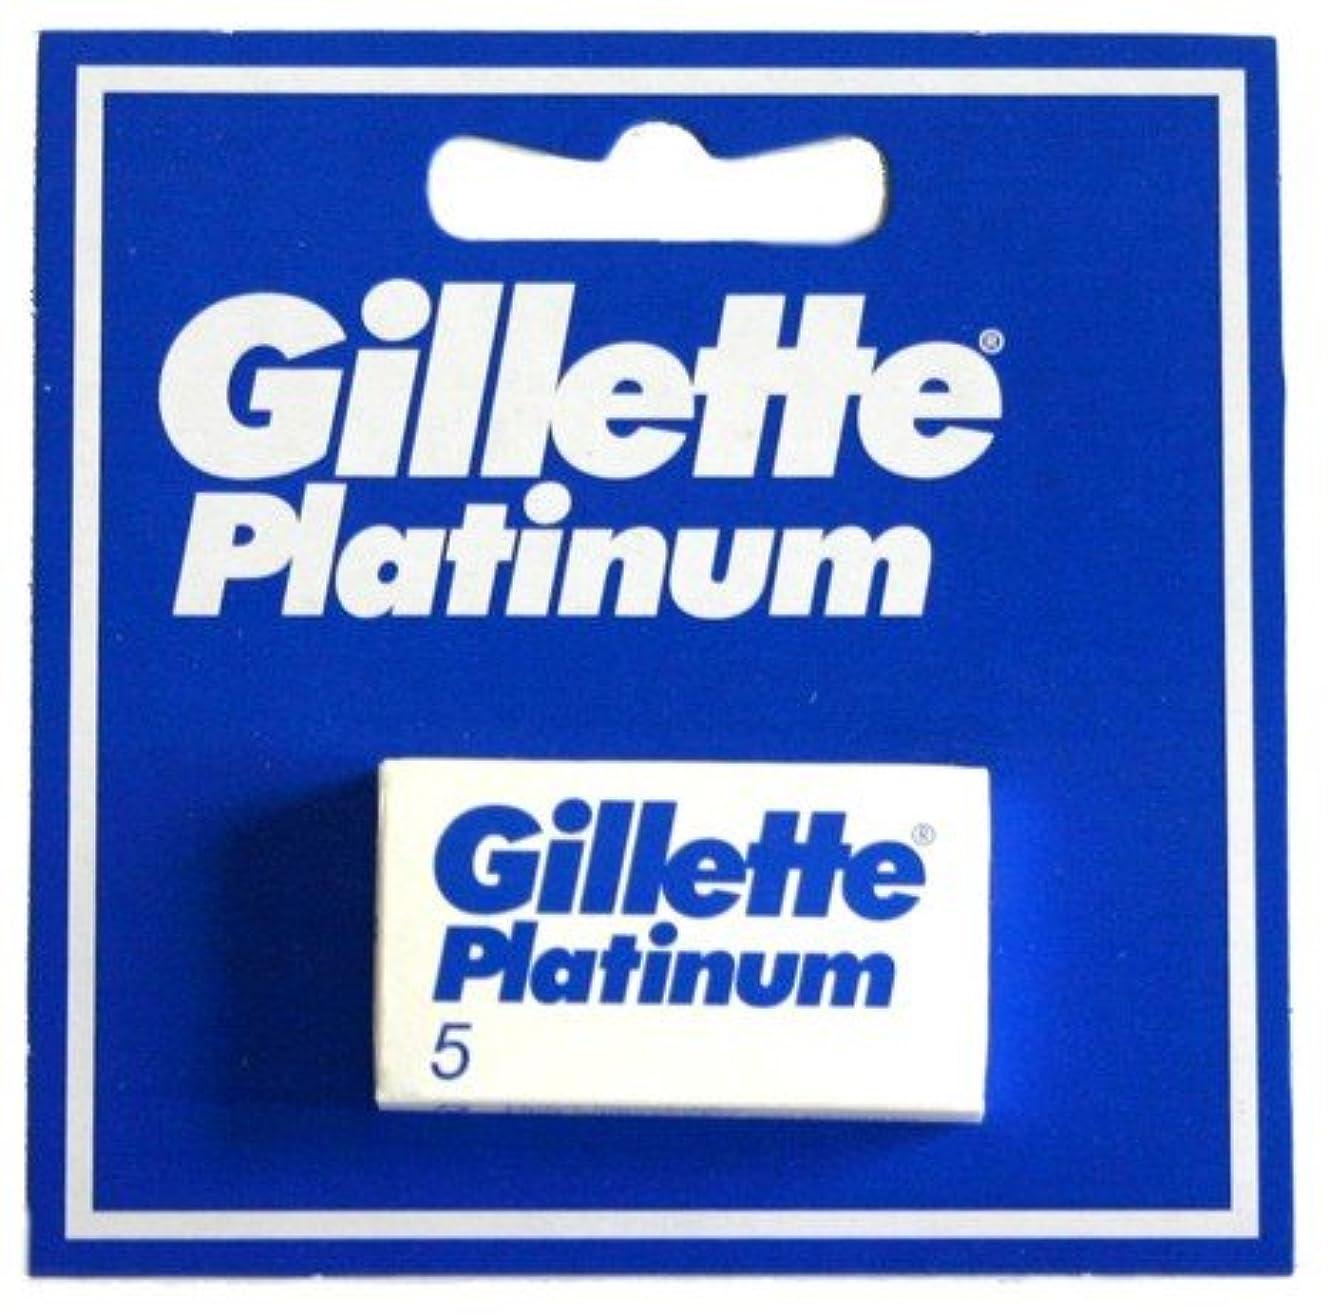 練習戦争優先Gillette Platinum [プレミアムホワイトボックス版!] ジレット プラチナ 両刃替刃 50個入り (5*10) [海外直送品] [並行輸入品]